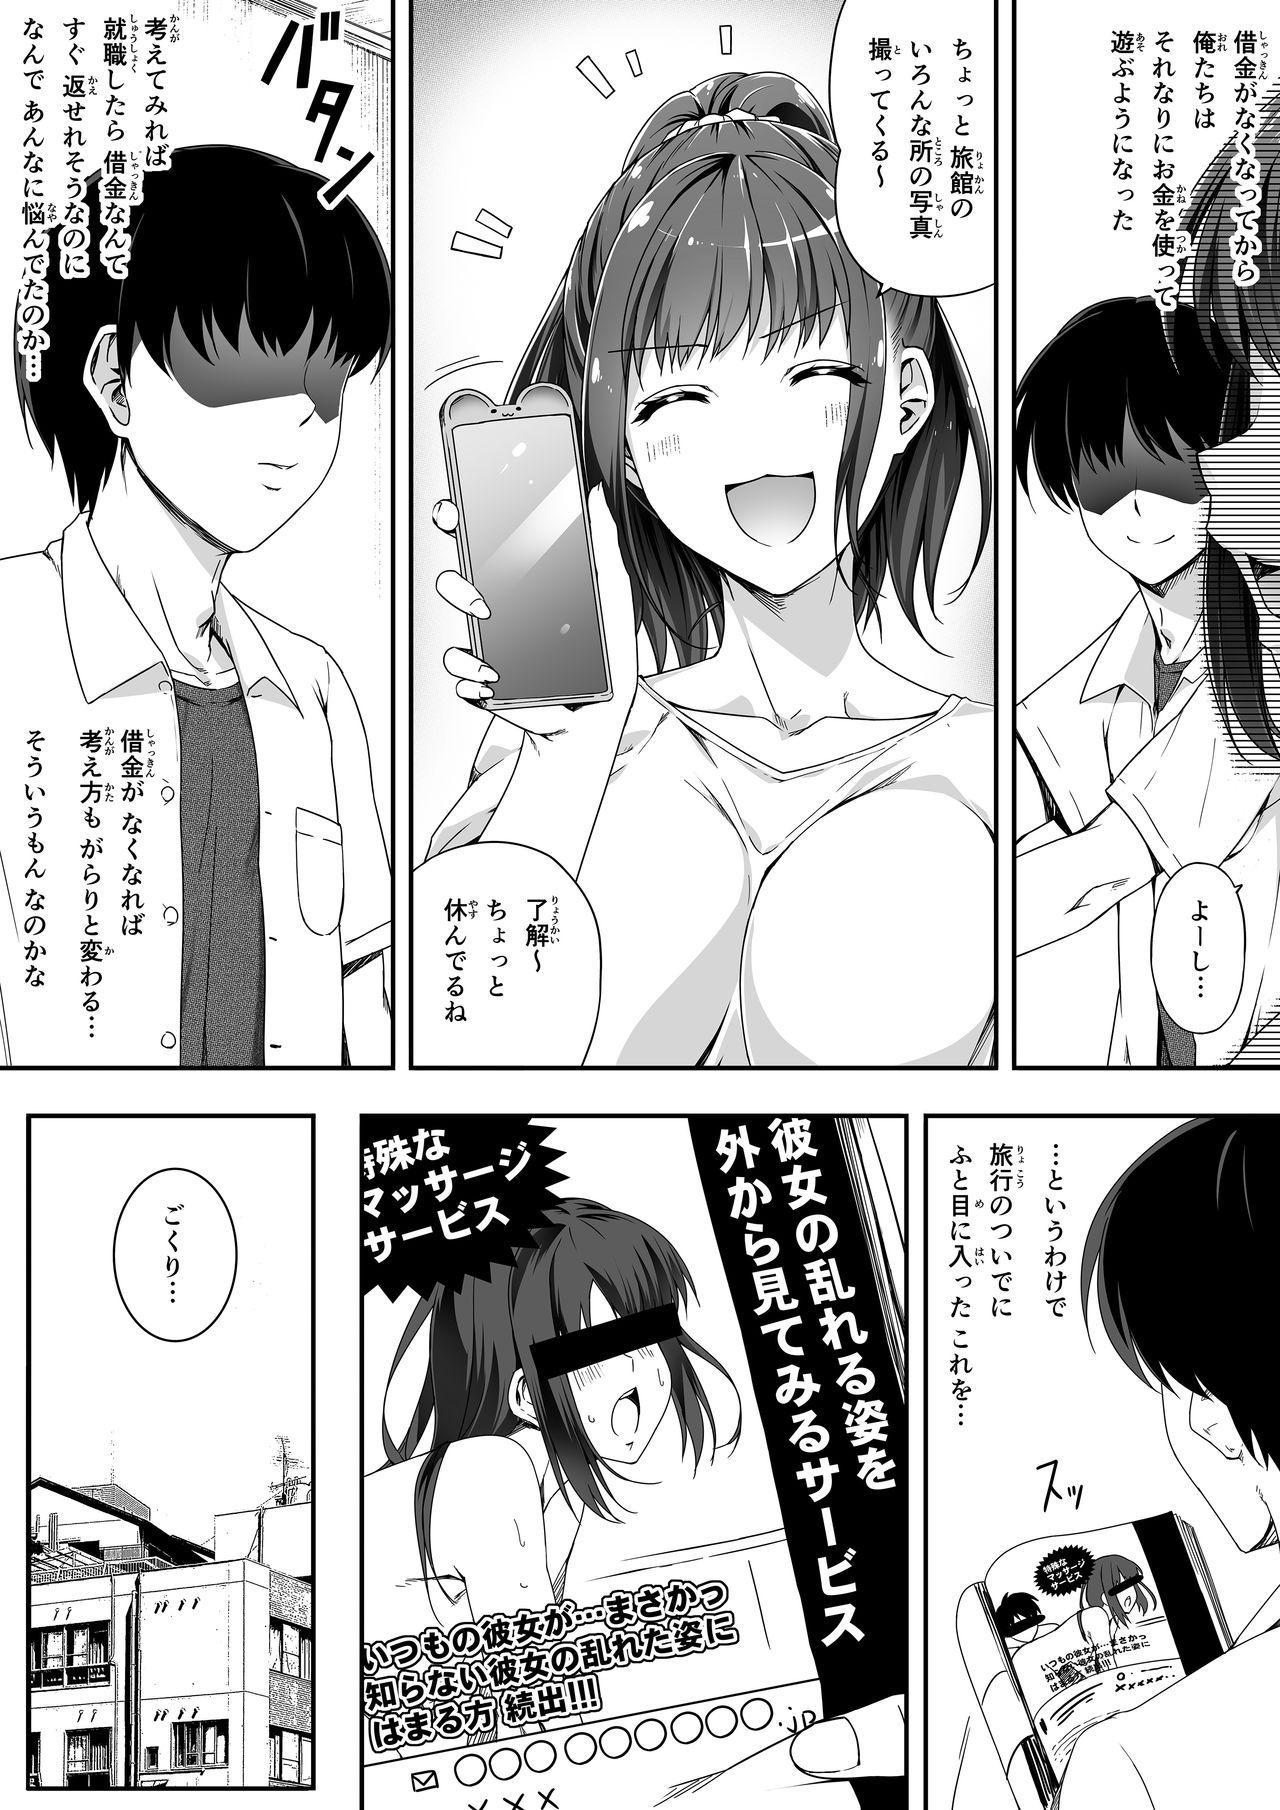 Ore wa Kanojo o Tomenakatta. Omake no Ohanashi 3